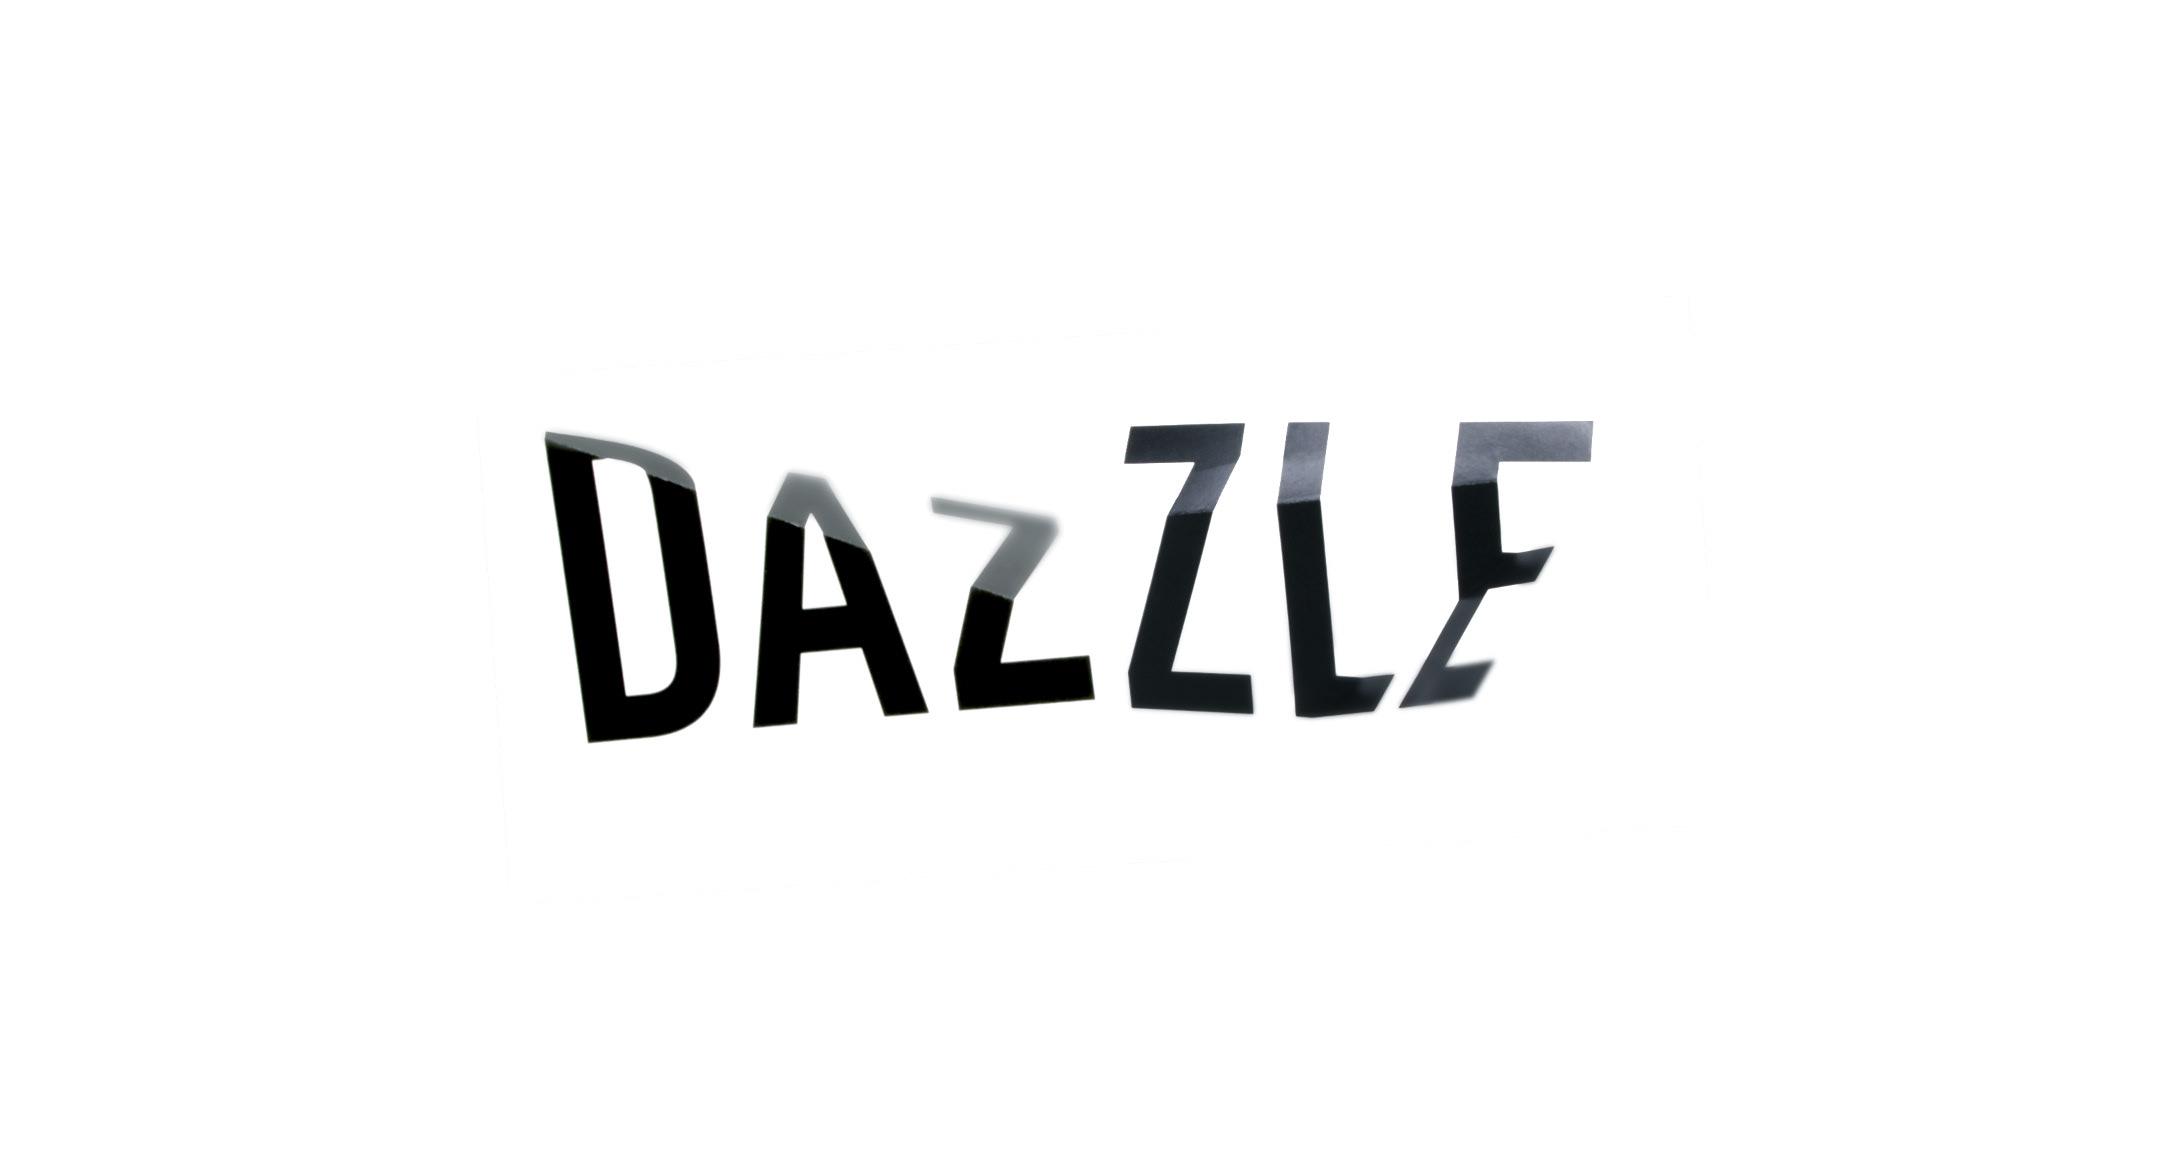 DAZZLE NORA